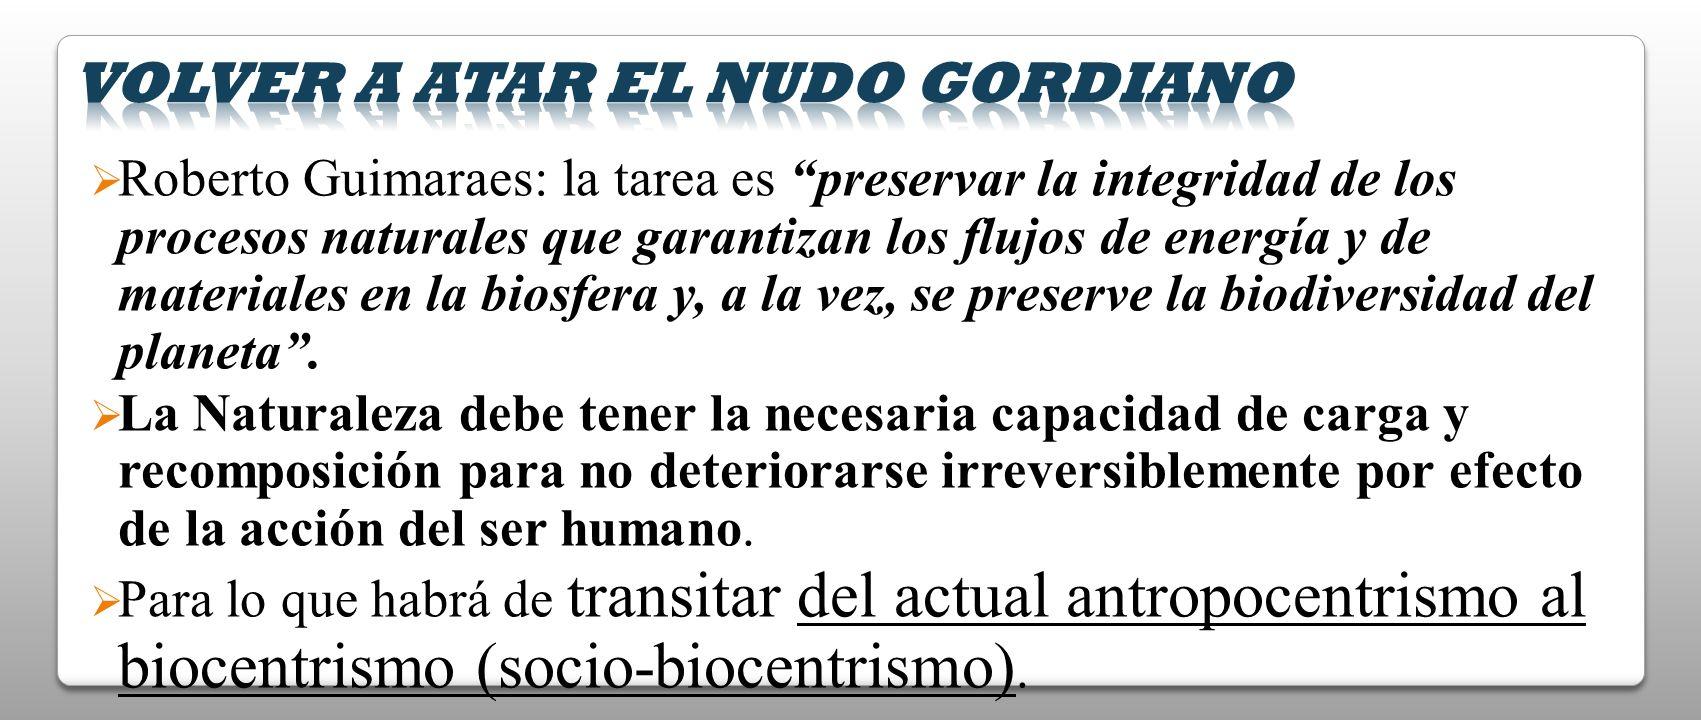 Roberto Guimaraes: la tarea es preservar la integridad de los procesos naturales que garantizan los flujos de energía y de materiales en la biosfera y